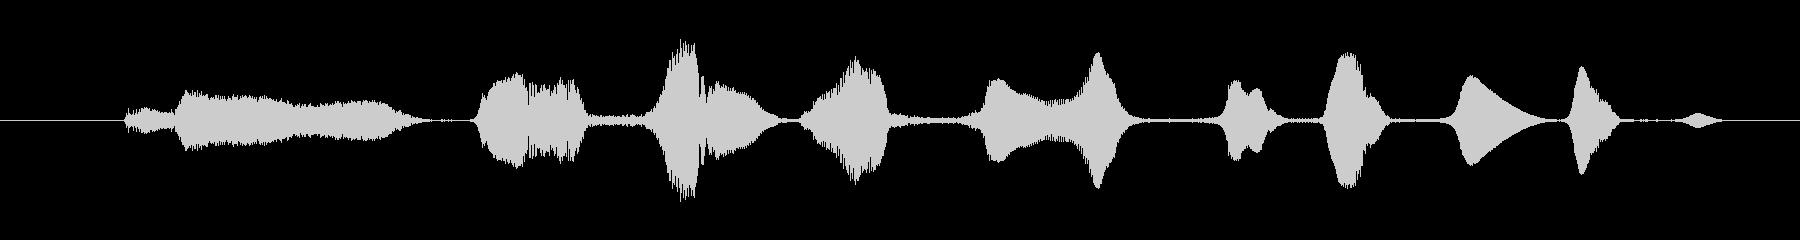 鳴き声 男性泣く03の未再生の波形